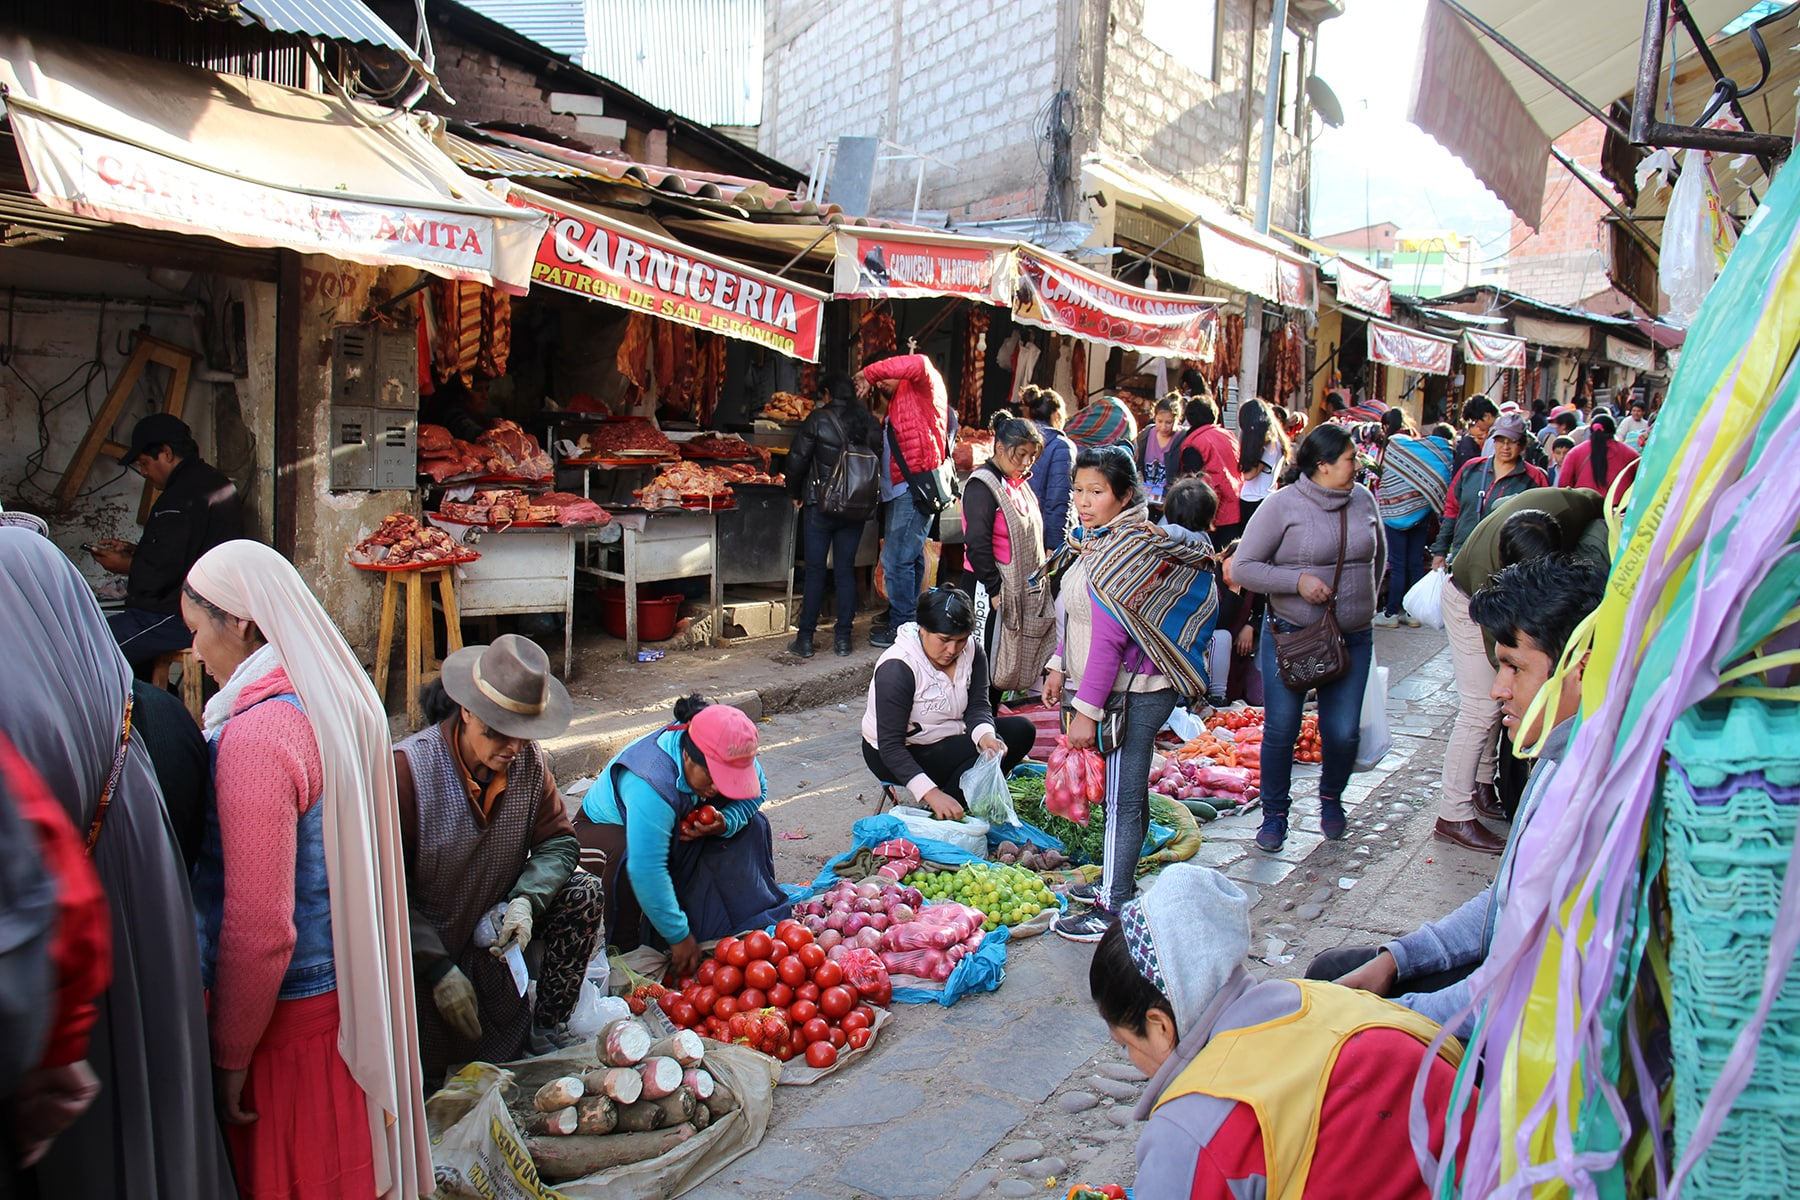 Le quartier du marché, Cuzco